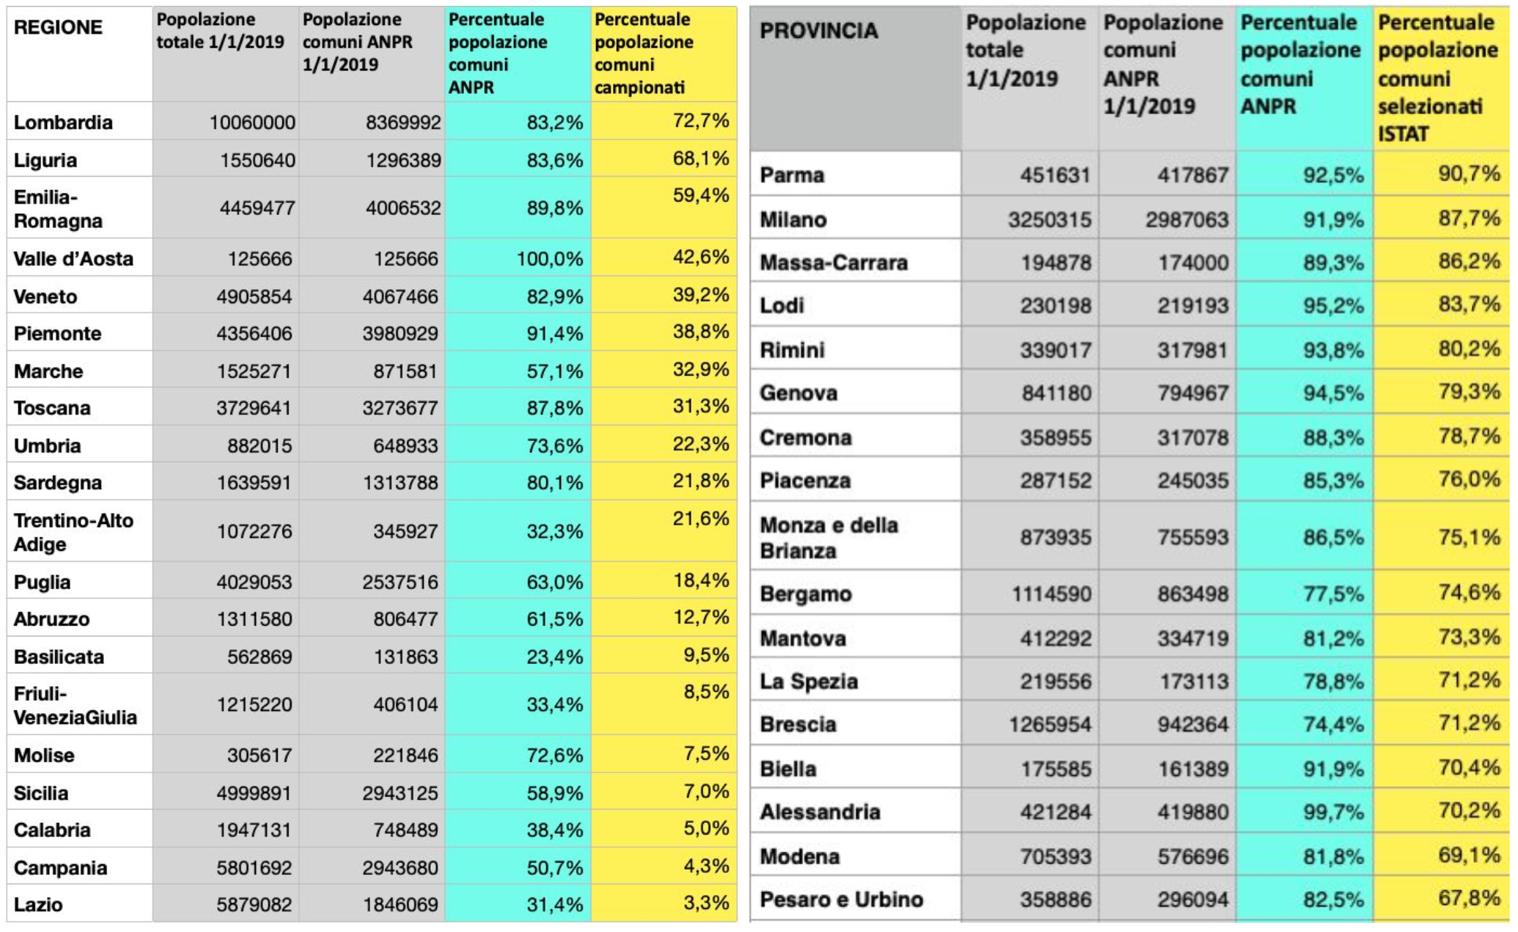 Un Analisi Dei Dati Istat Sui Decessi Legati All Epidemia Covid 19 In Italia Verso Una Stima Del Numero Di Morti Dirette E Indirette Anche Grazie Allo Sbilanciamento Di Genere Scienza In Rete